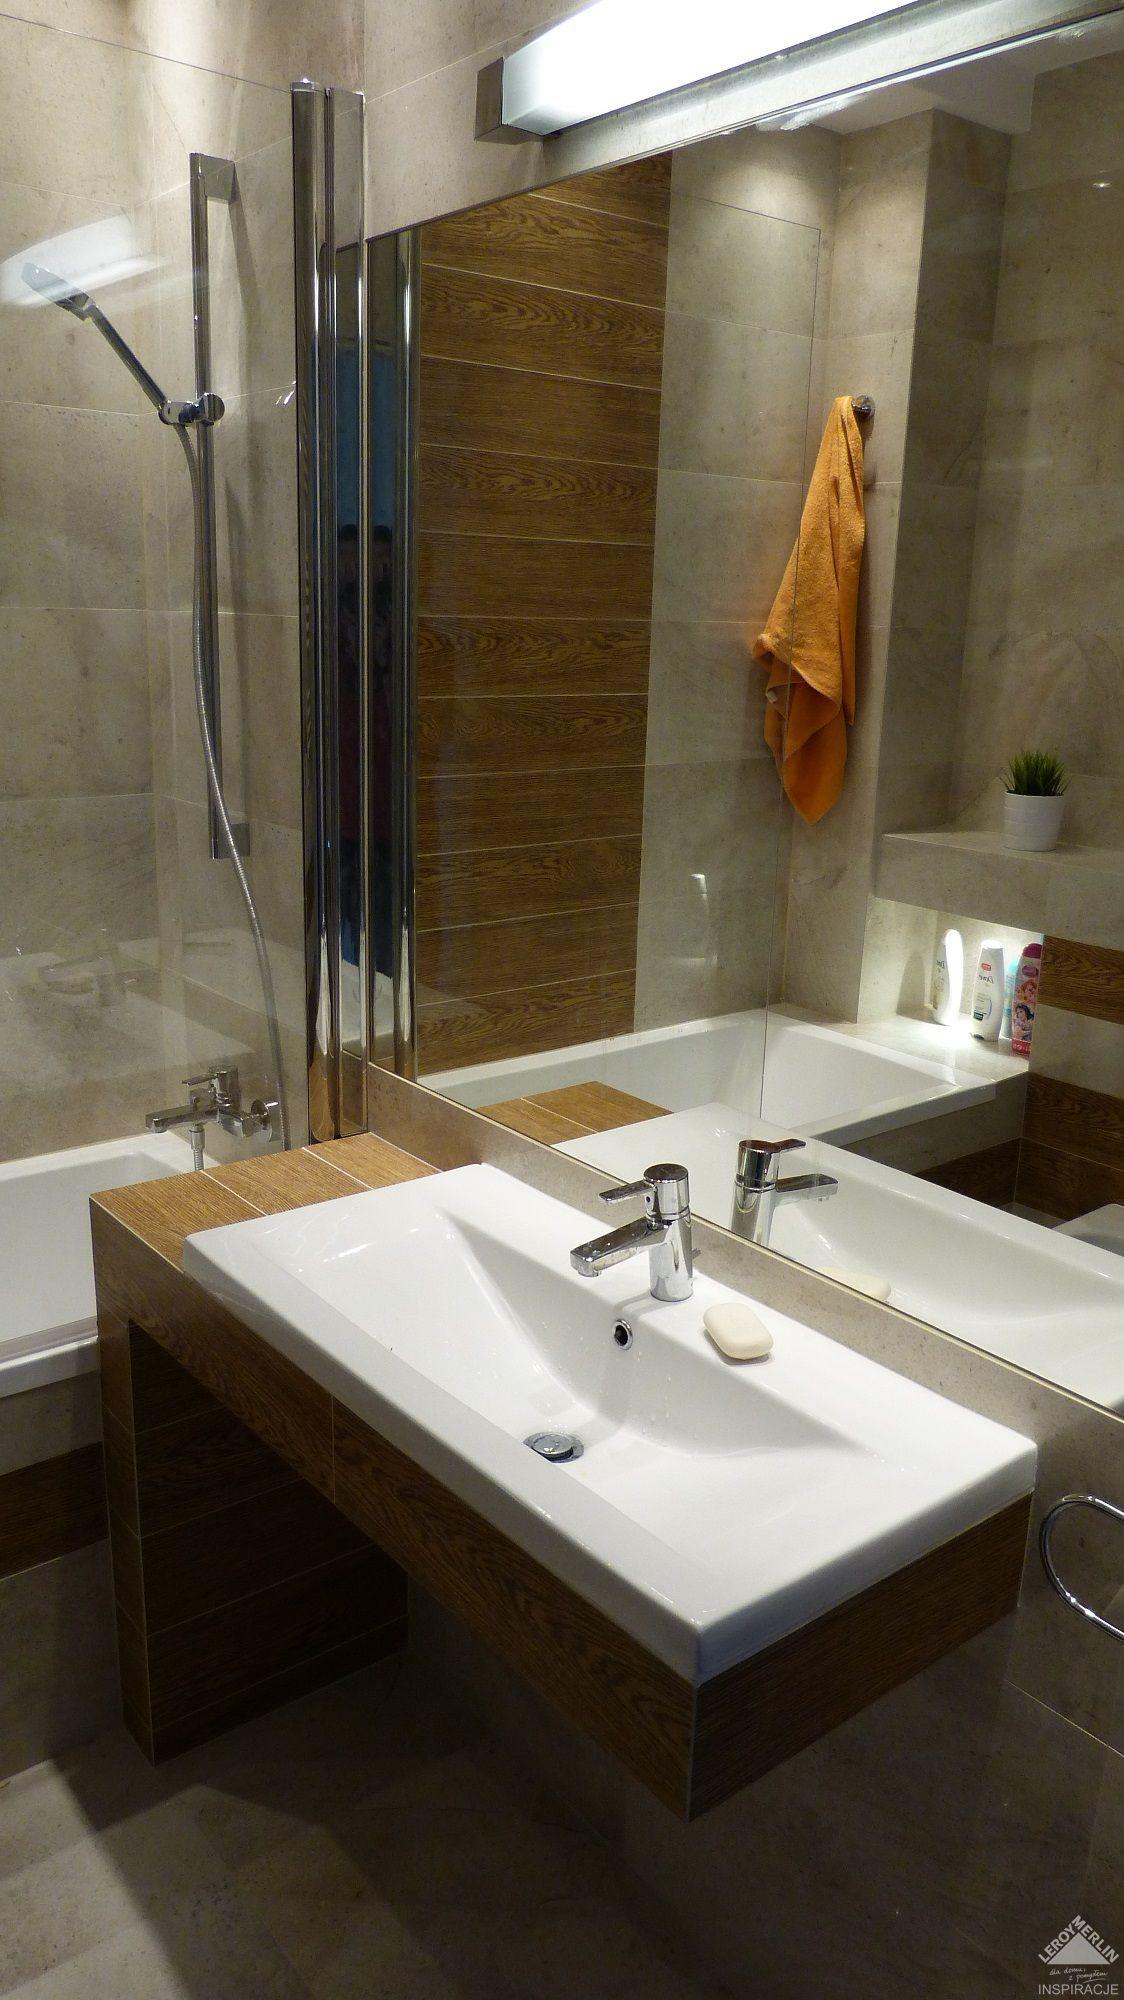 Azienka 4m2 interior design pinterest interiors for Bathroom design 4m2